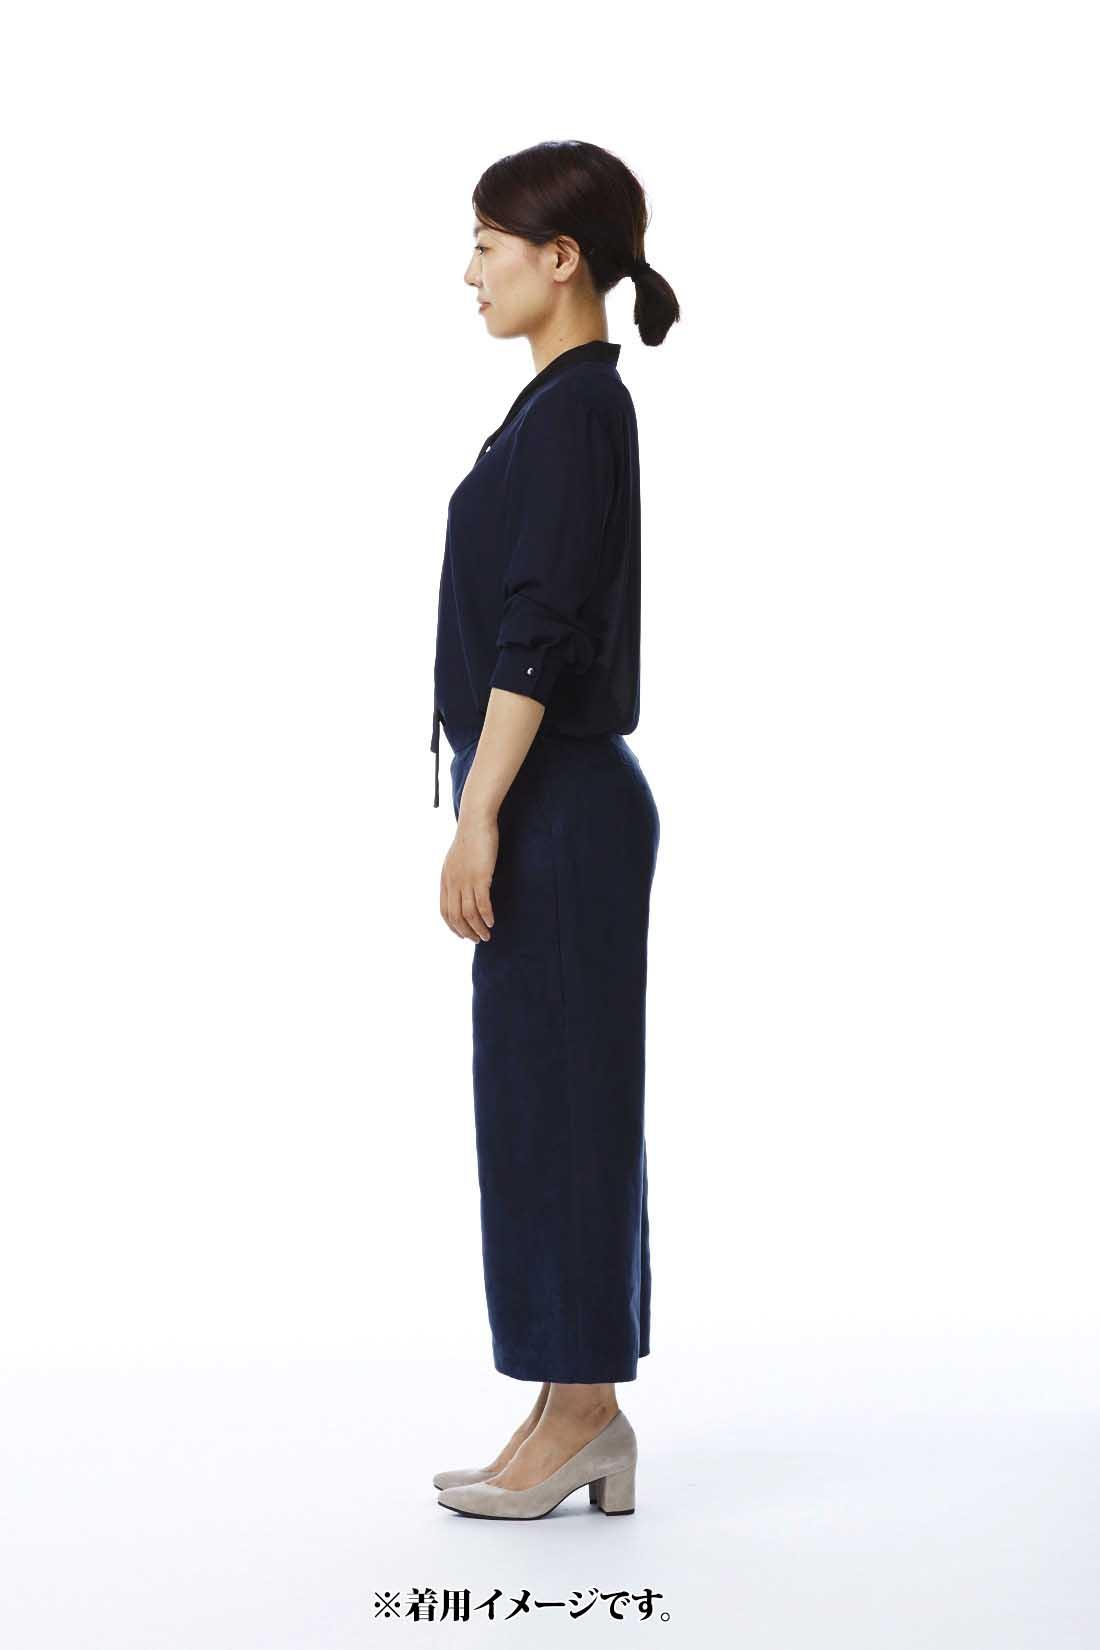 [スタッフ着用]身長158cm トップス:Mサイズ ボトムス:61サイズ着用 ※商品のカラーニュアンスは商品カットを参考にしてください。